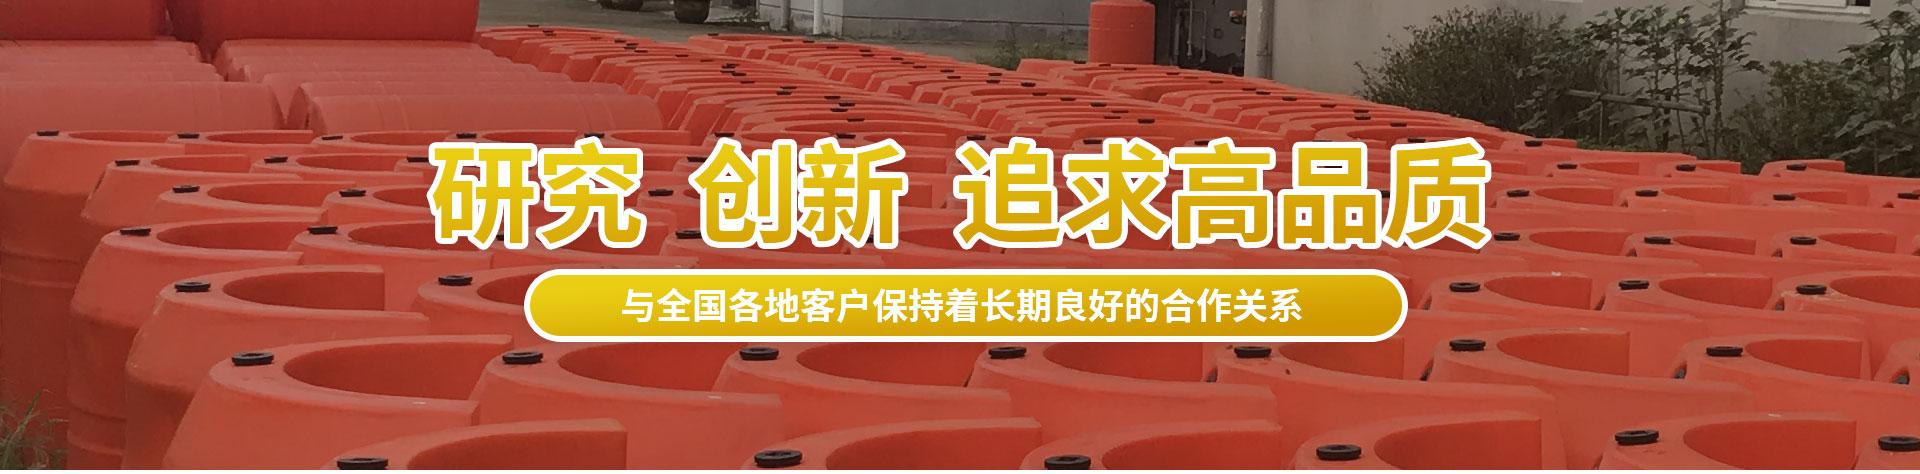 宁波洁贝尔泰塑料科技有限公司